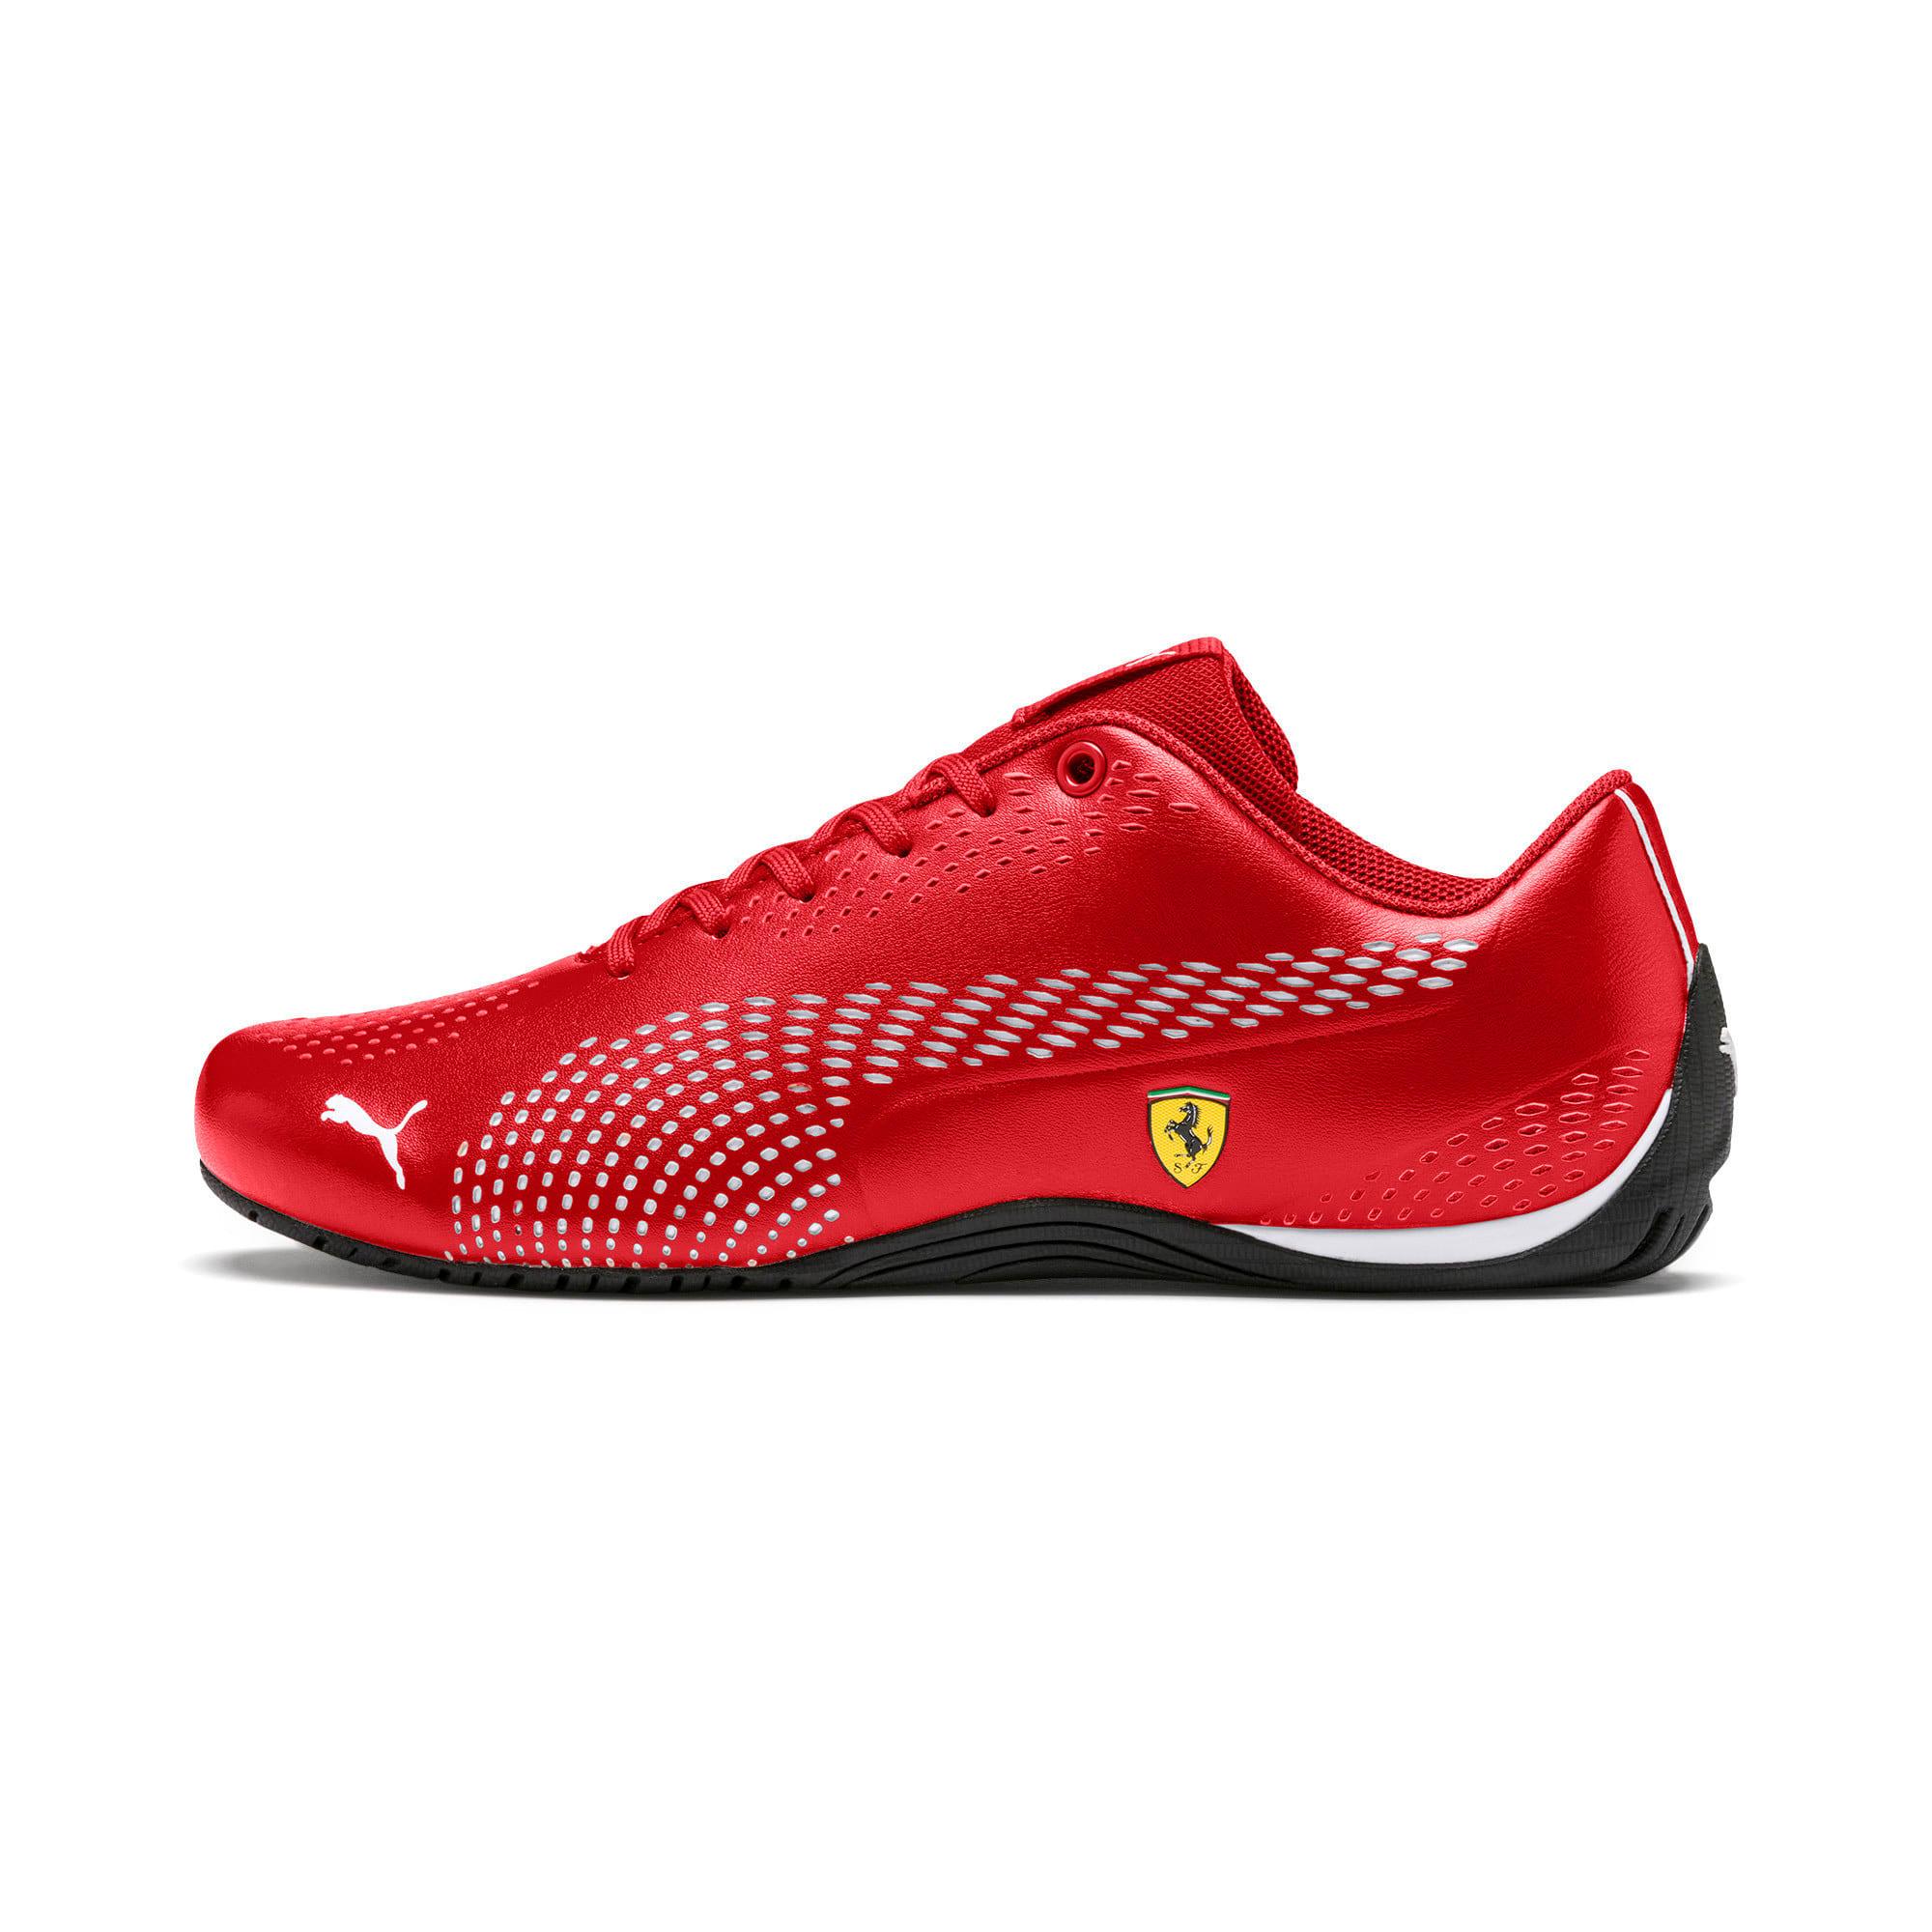 Miniatura 1 de Zapatos Scuderia Ferrari Drift Cat 5 Ultra II, Rosso Corsa-Puma White, mediano